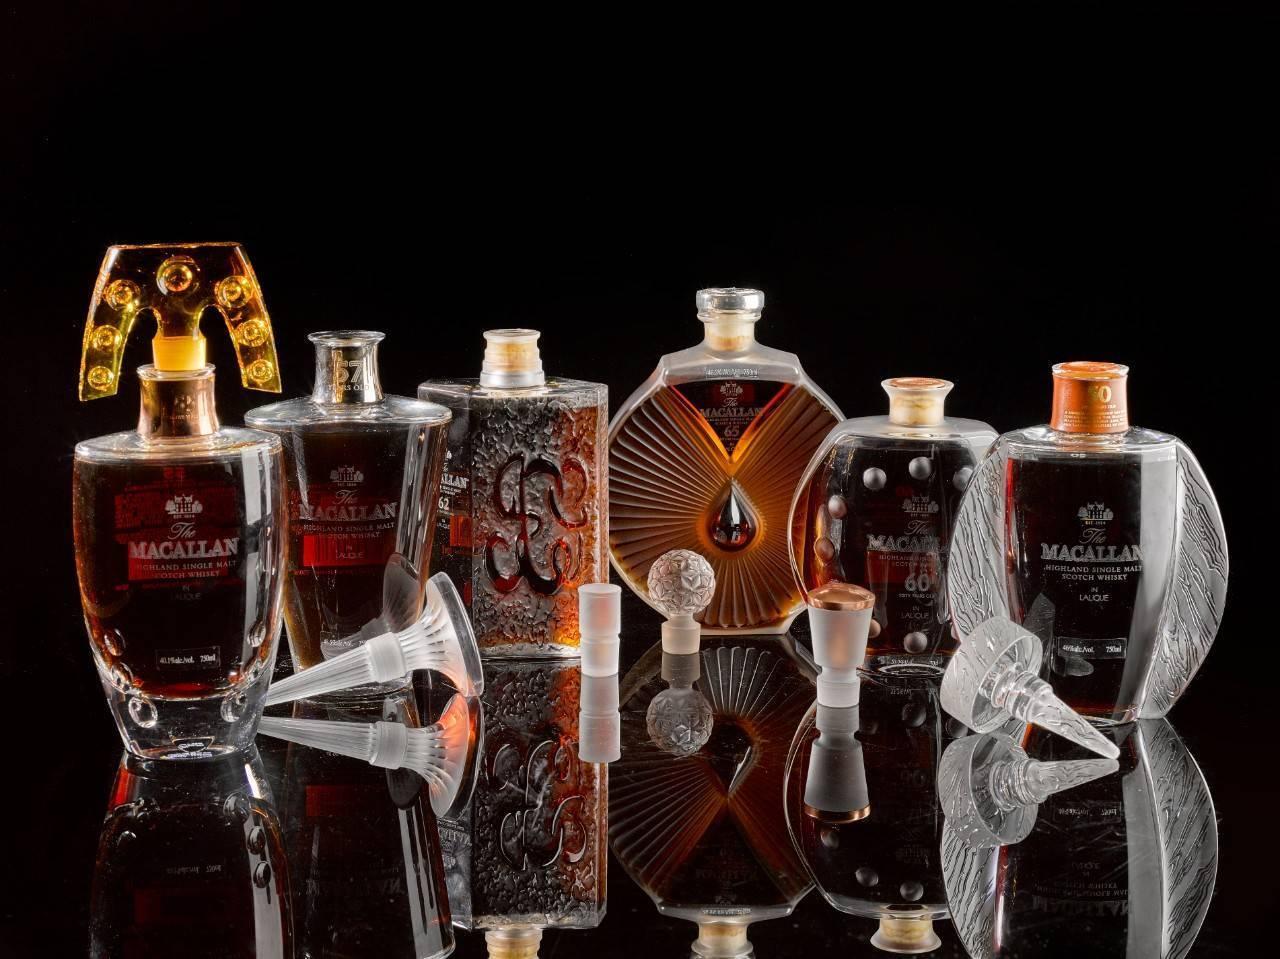 Под градусом: элитный алкоголь как предмет искусства в лучших коллекциях ценителей